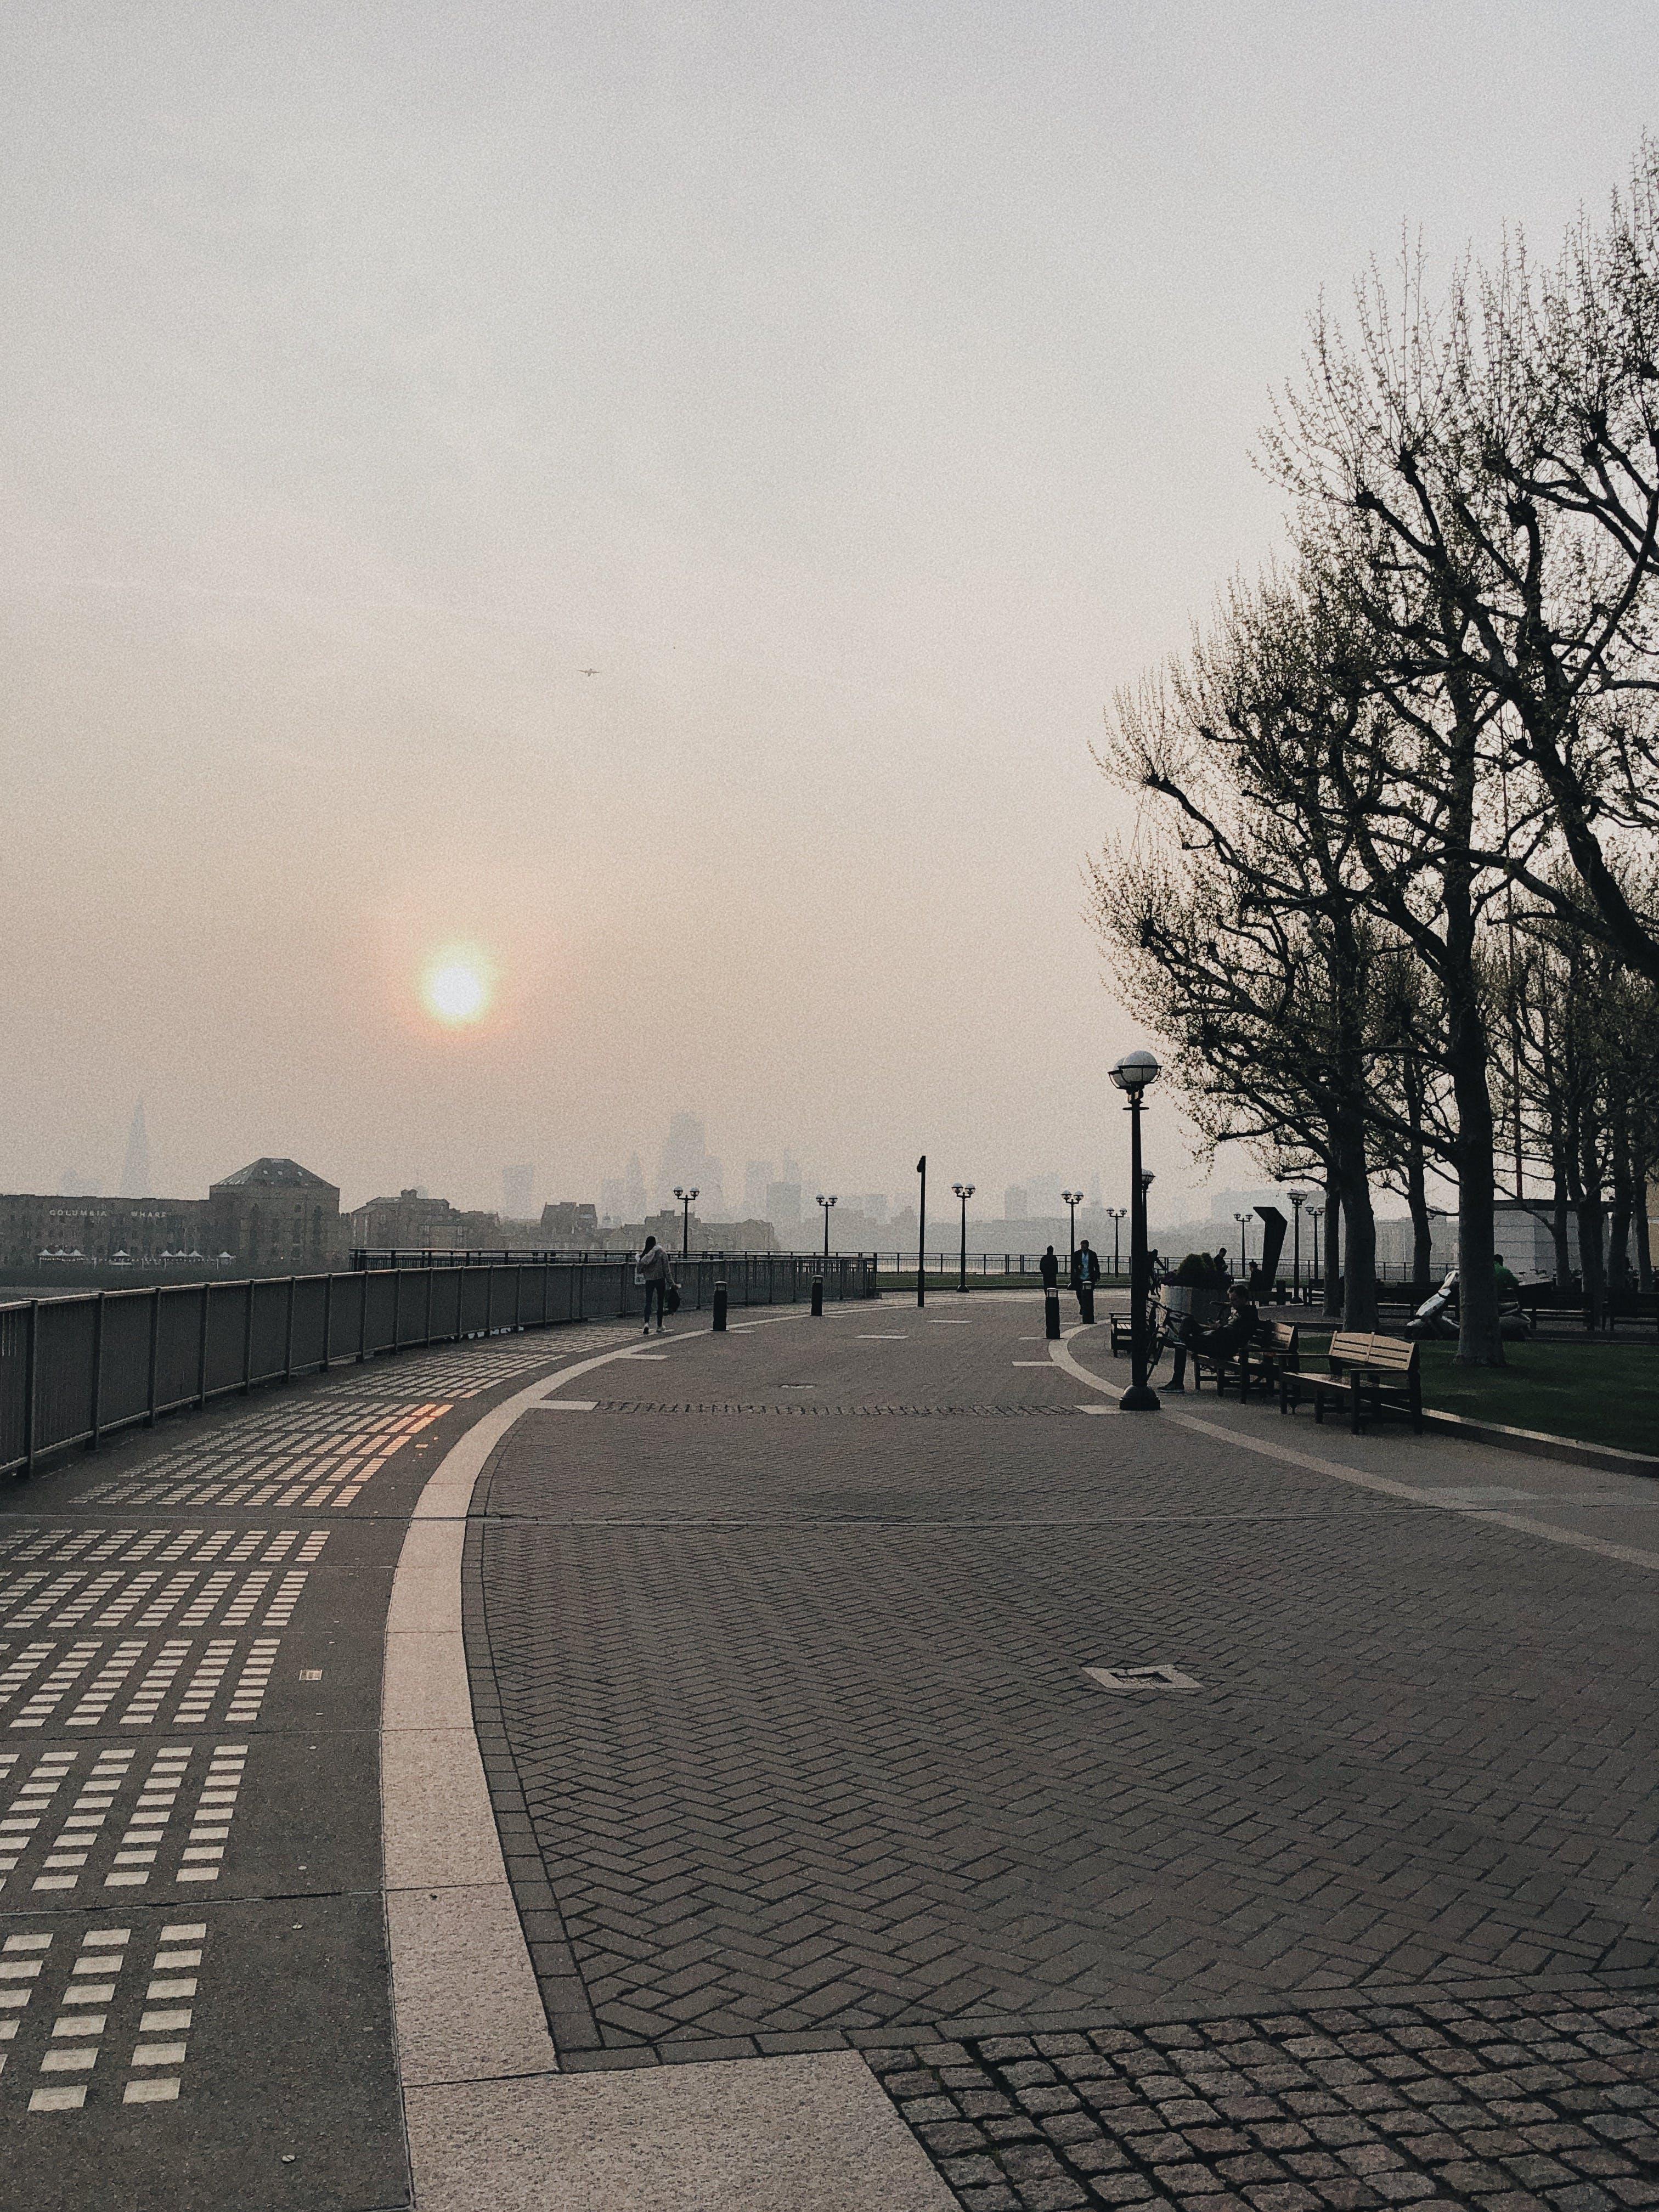 光, 光禿禿的, 公園, 天氣 的 免費圖庫相片